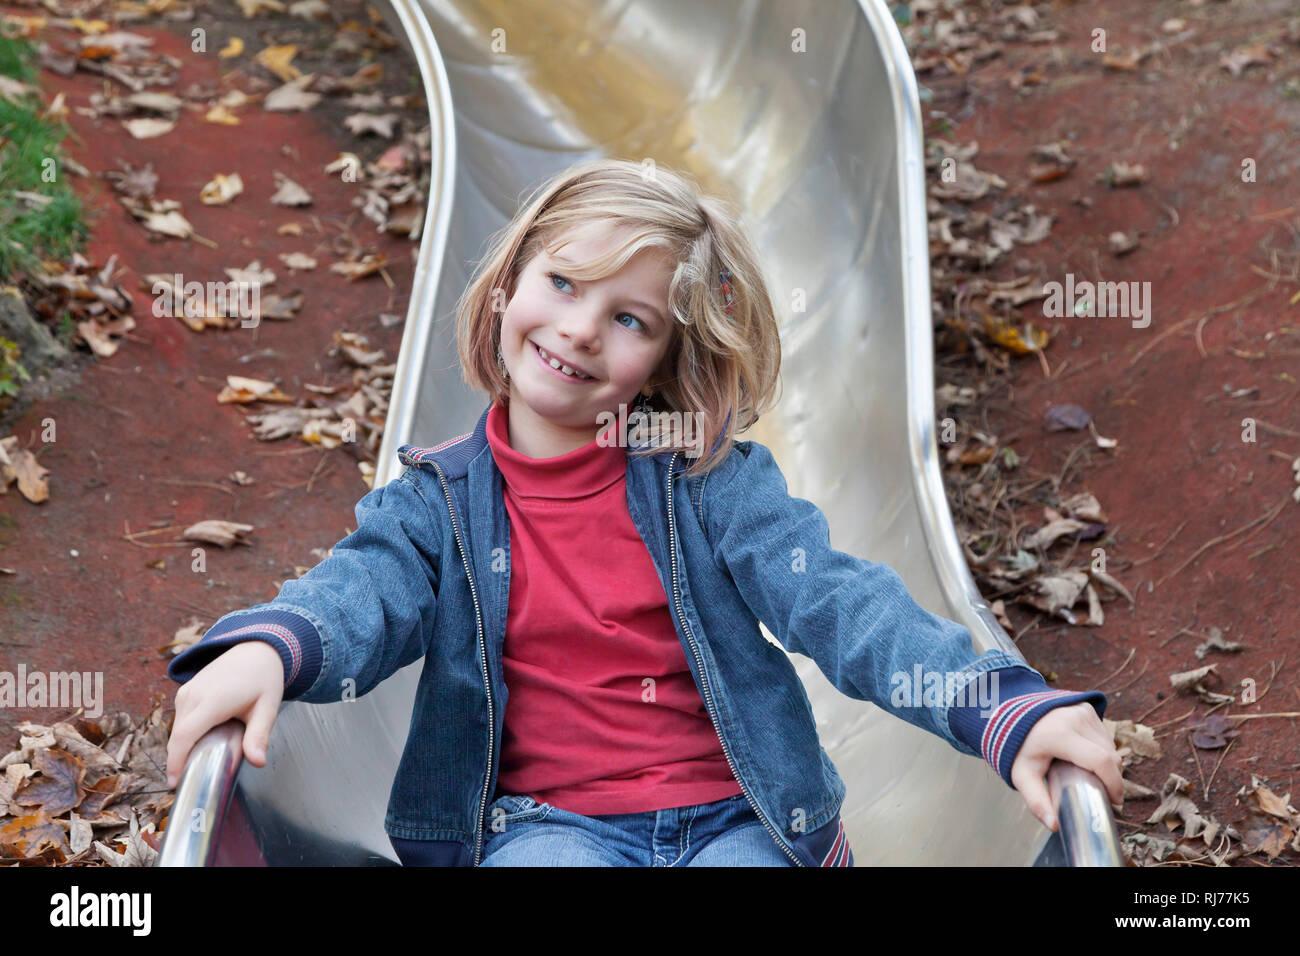 Siebenjähriges Mädchen auf einem Kinderspielplatz auf einer Rutsche Stock Photo